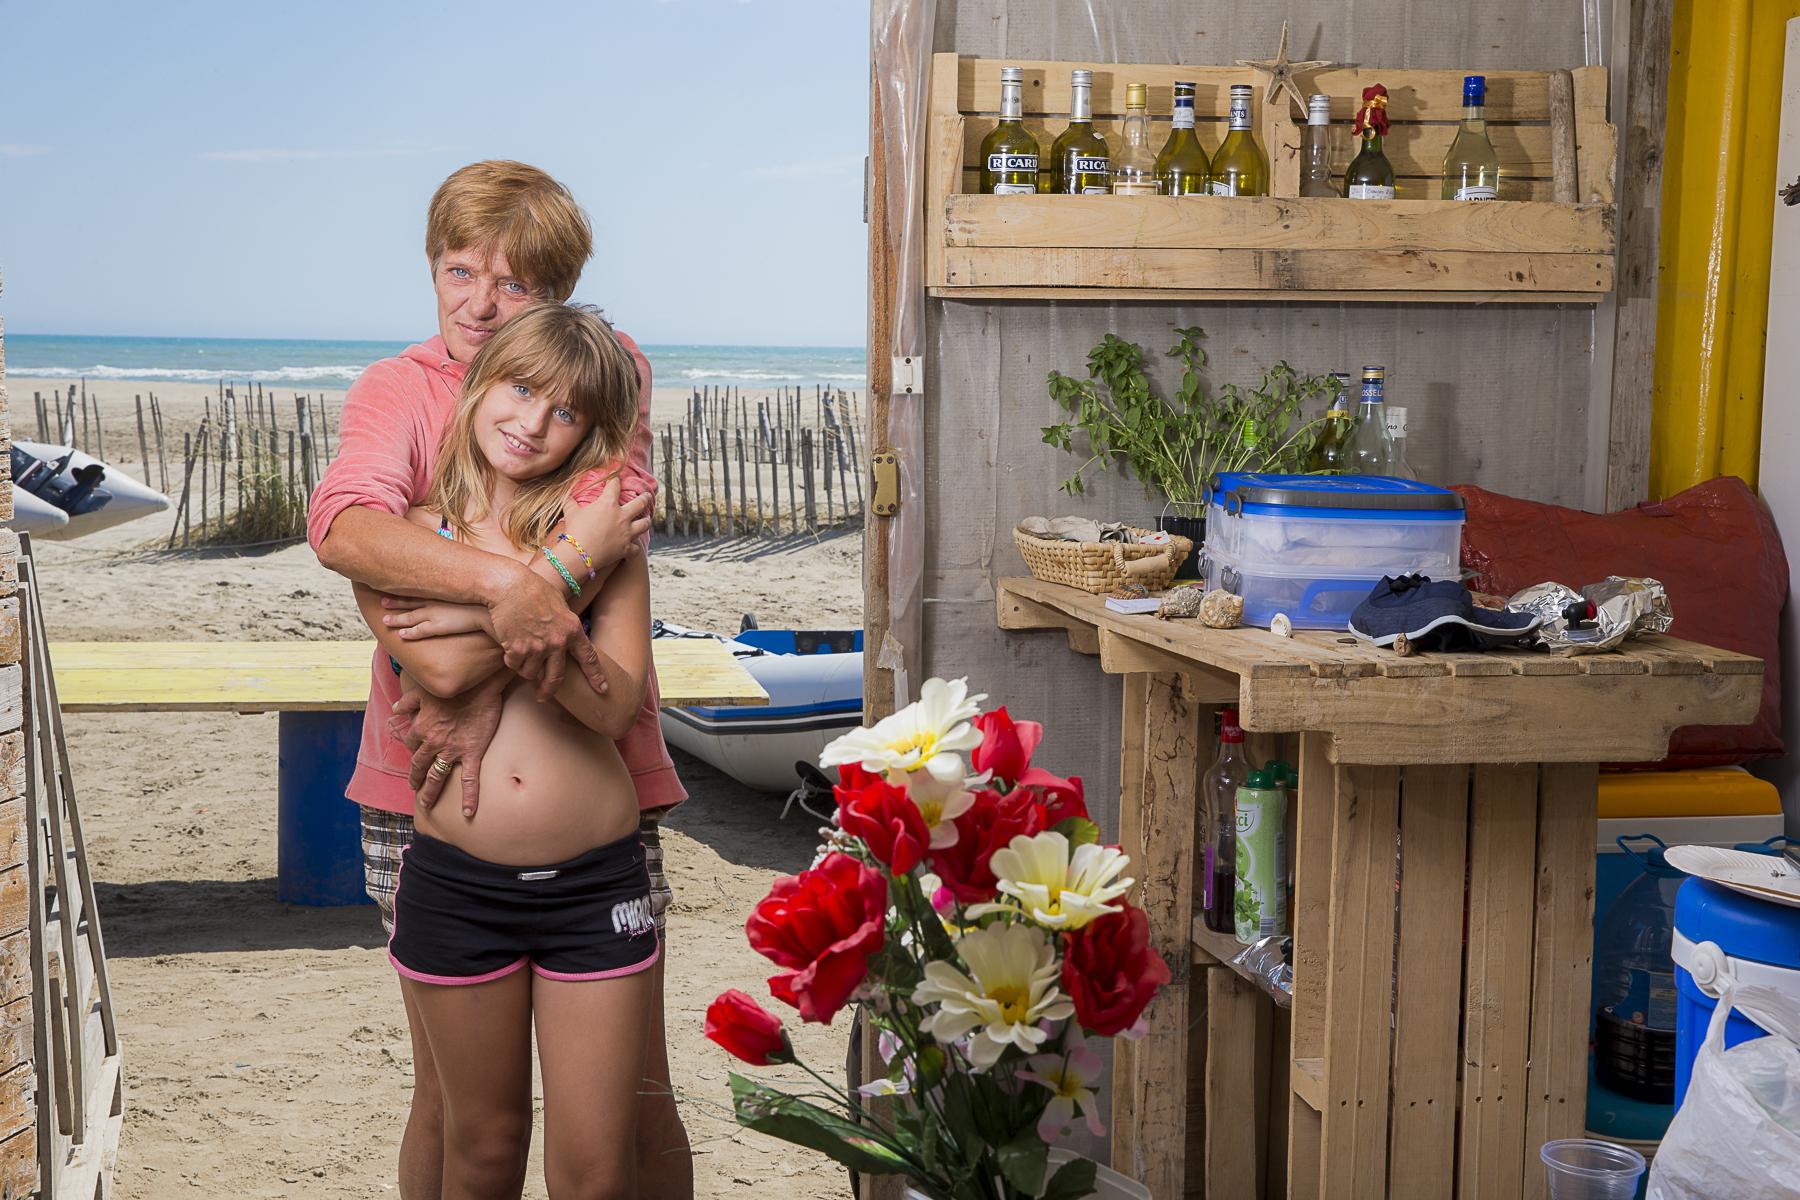 La plage de Piémenson à l\'embouchure du Rhône est la dernière plage en Europe ou le camping sauvage est toléré. Les deux grandes communautées présentent sont les naturistes, très soucieux de l\'environnement et passés maîtres dans l\'art de la construction de cabanons en bois flotés et les \{quote}textils\{quote} vivant plutôt dans des caravannes, ils sont des bons vivants...Juliette 46 ans et ses petires filles Alizéa 10 ans, Fionna 8 ans à l\'intérieur de leur campement à Piémenson...